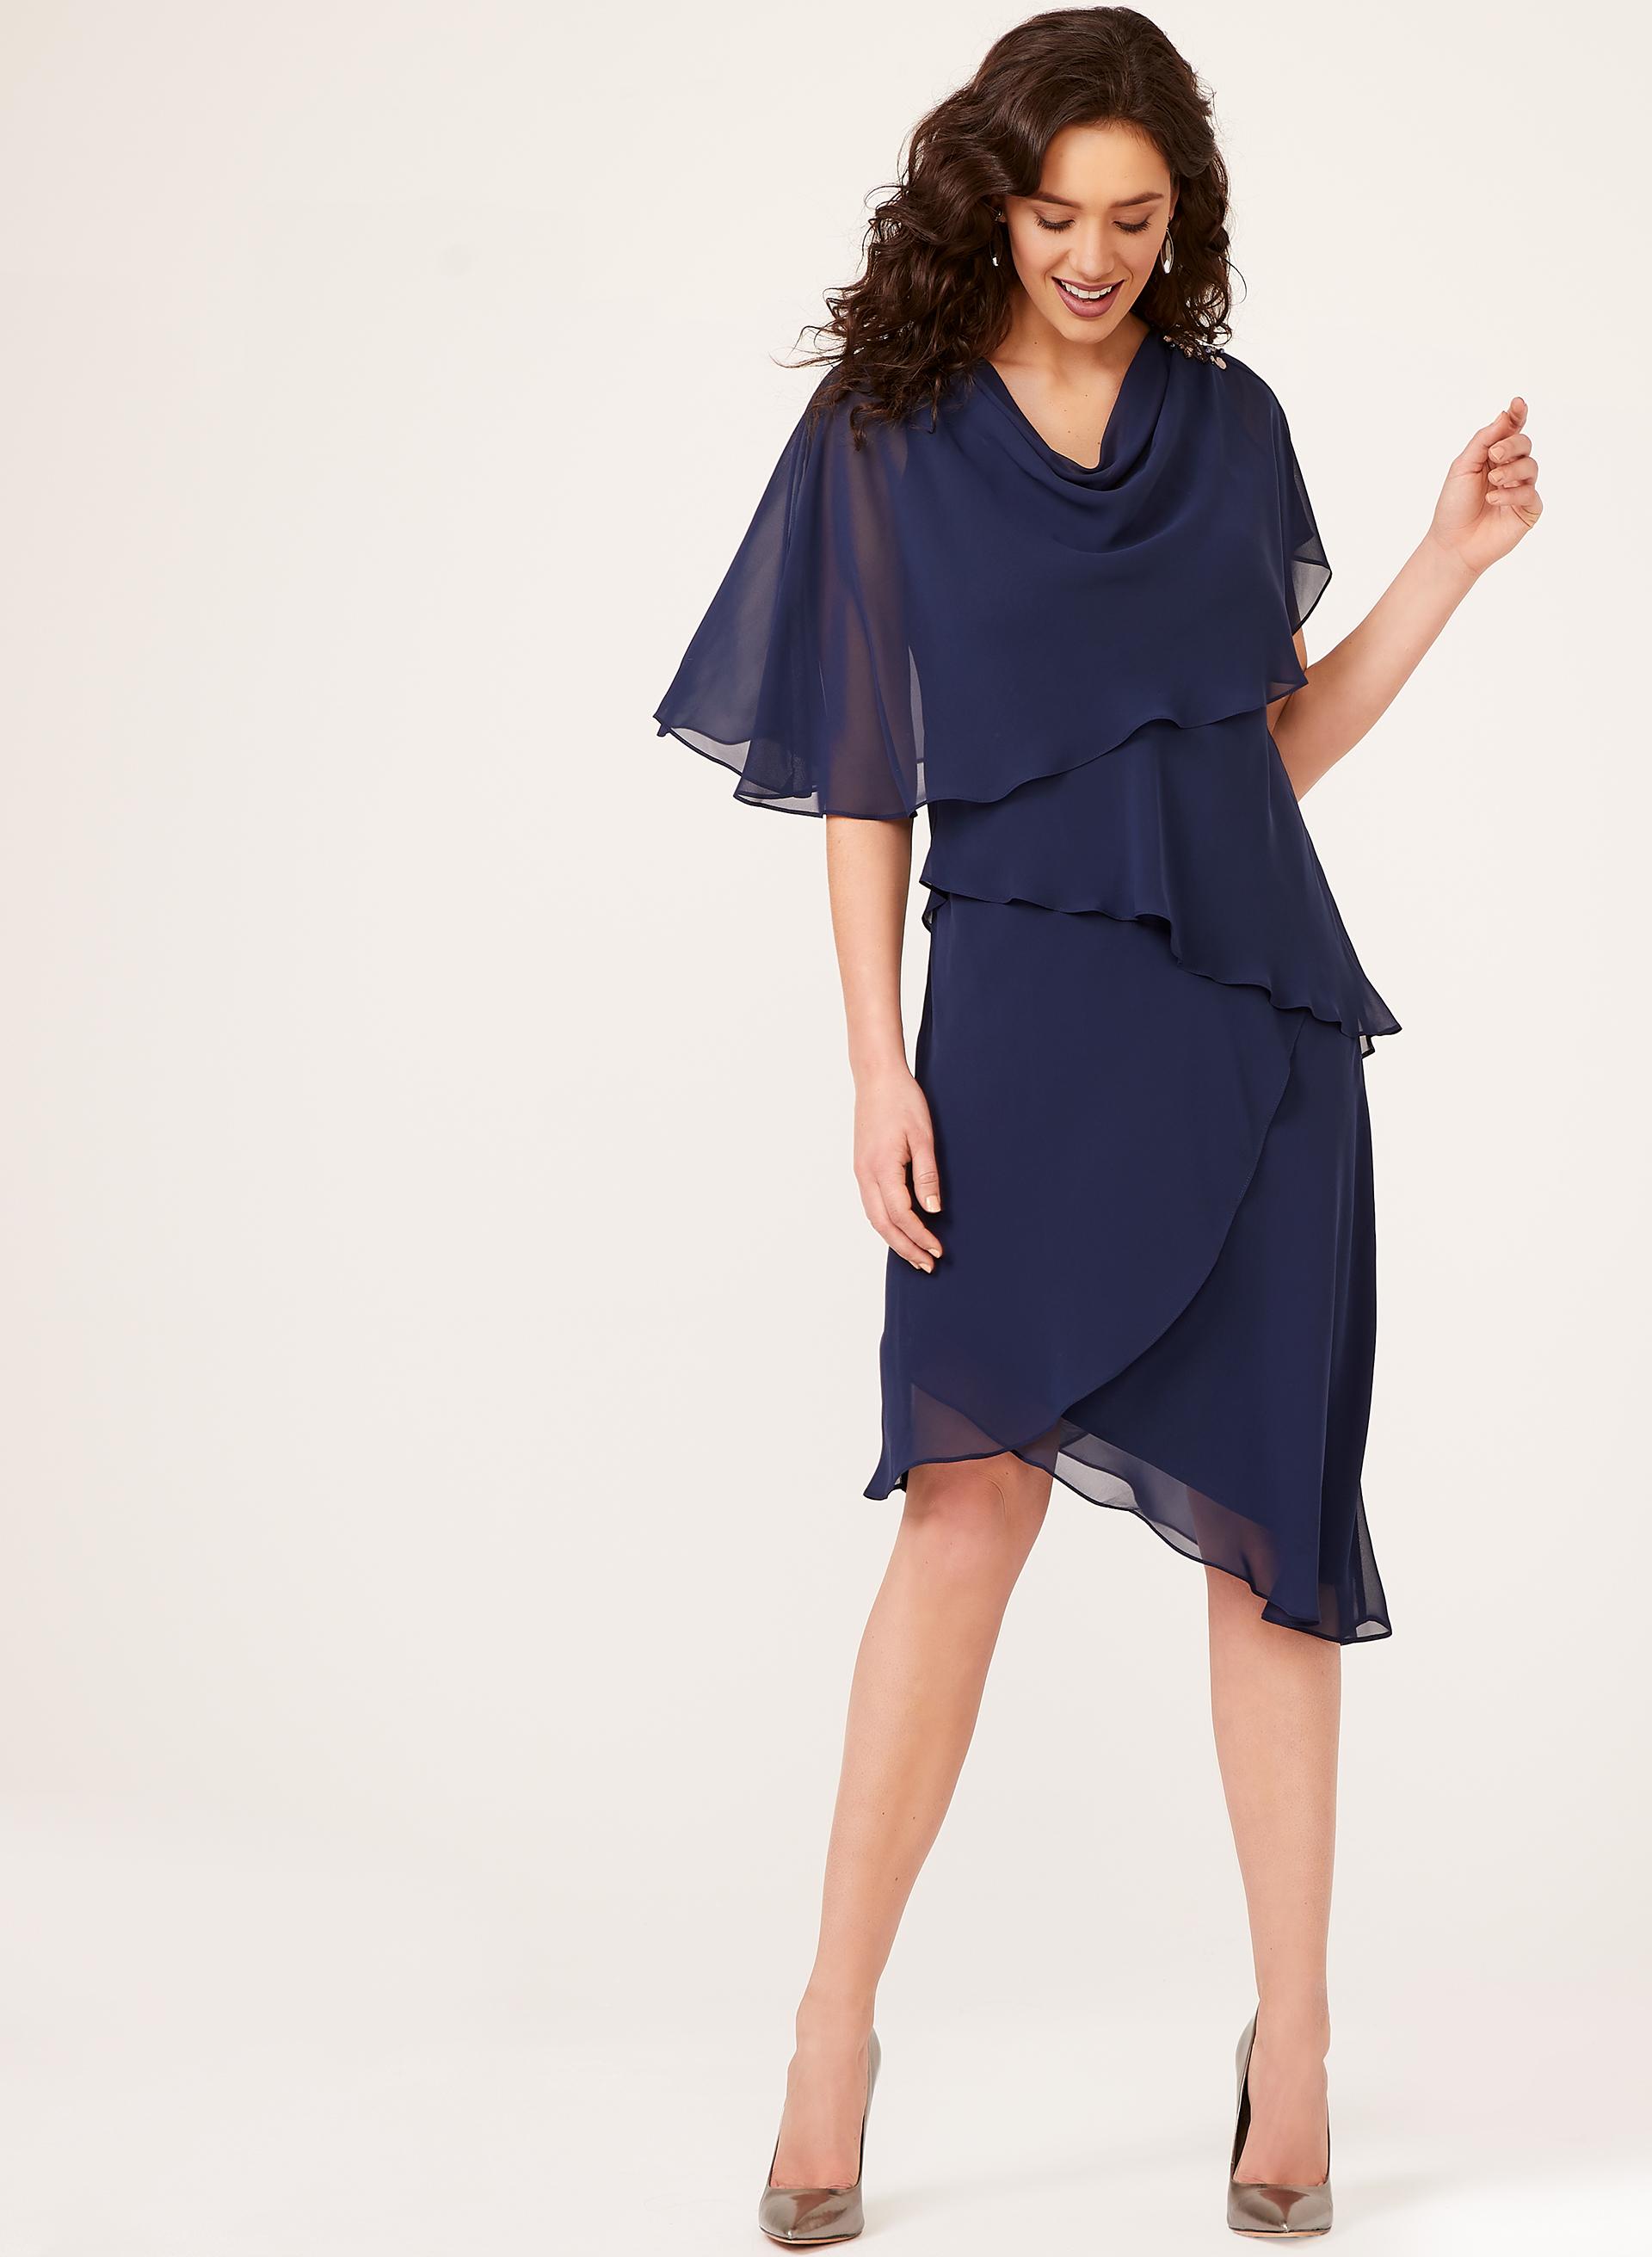 Asymmetric Chiffon Poncho Dress Set